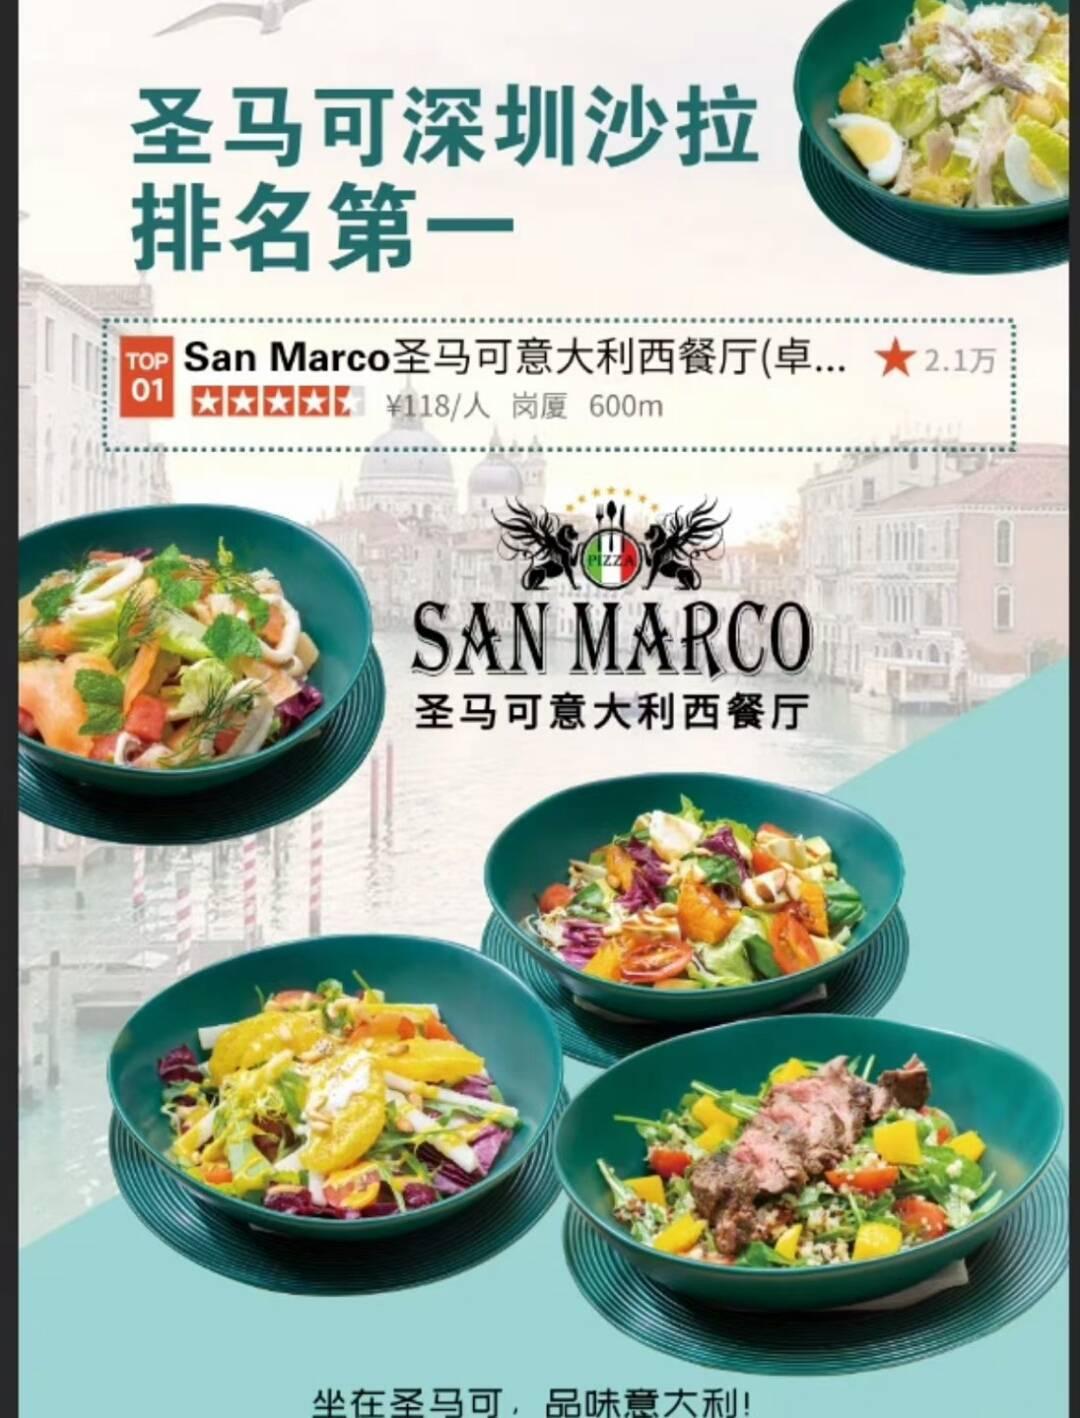 第484场美食美酒交流品鉴分享活动:圣马可意大利西餐厅